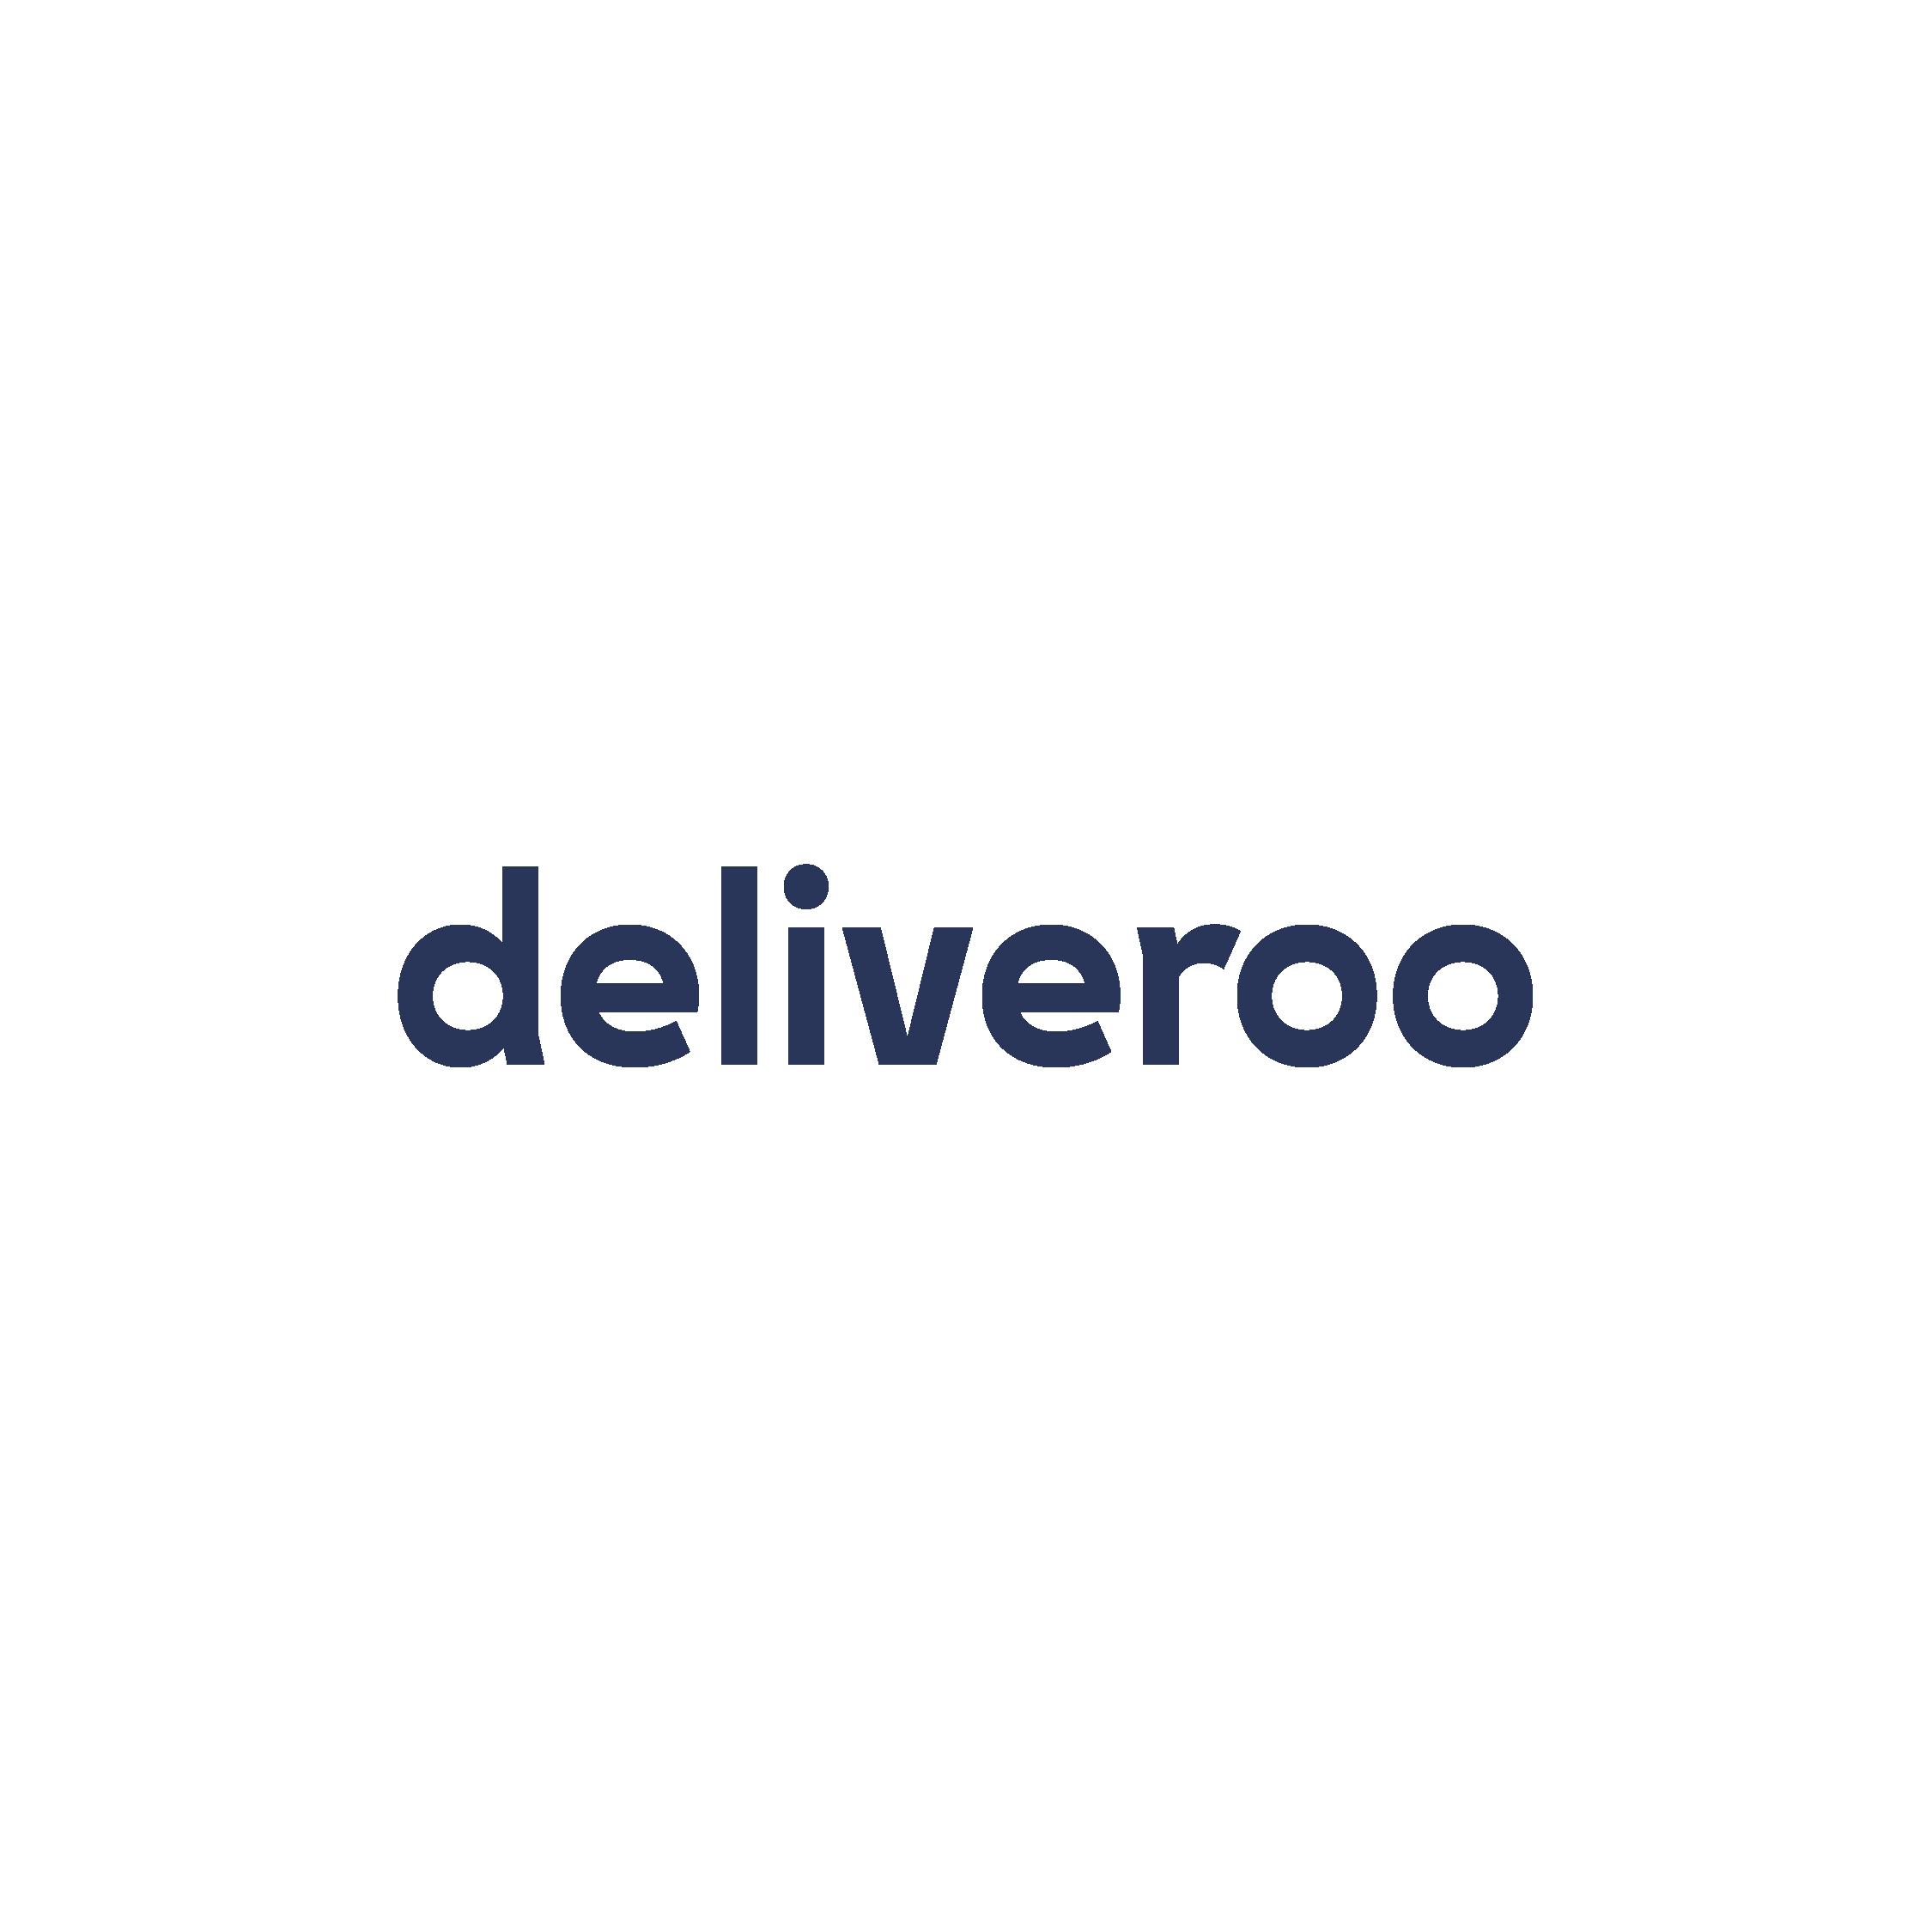 Deliveroo logo - Landed blue